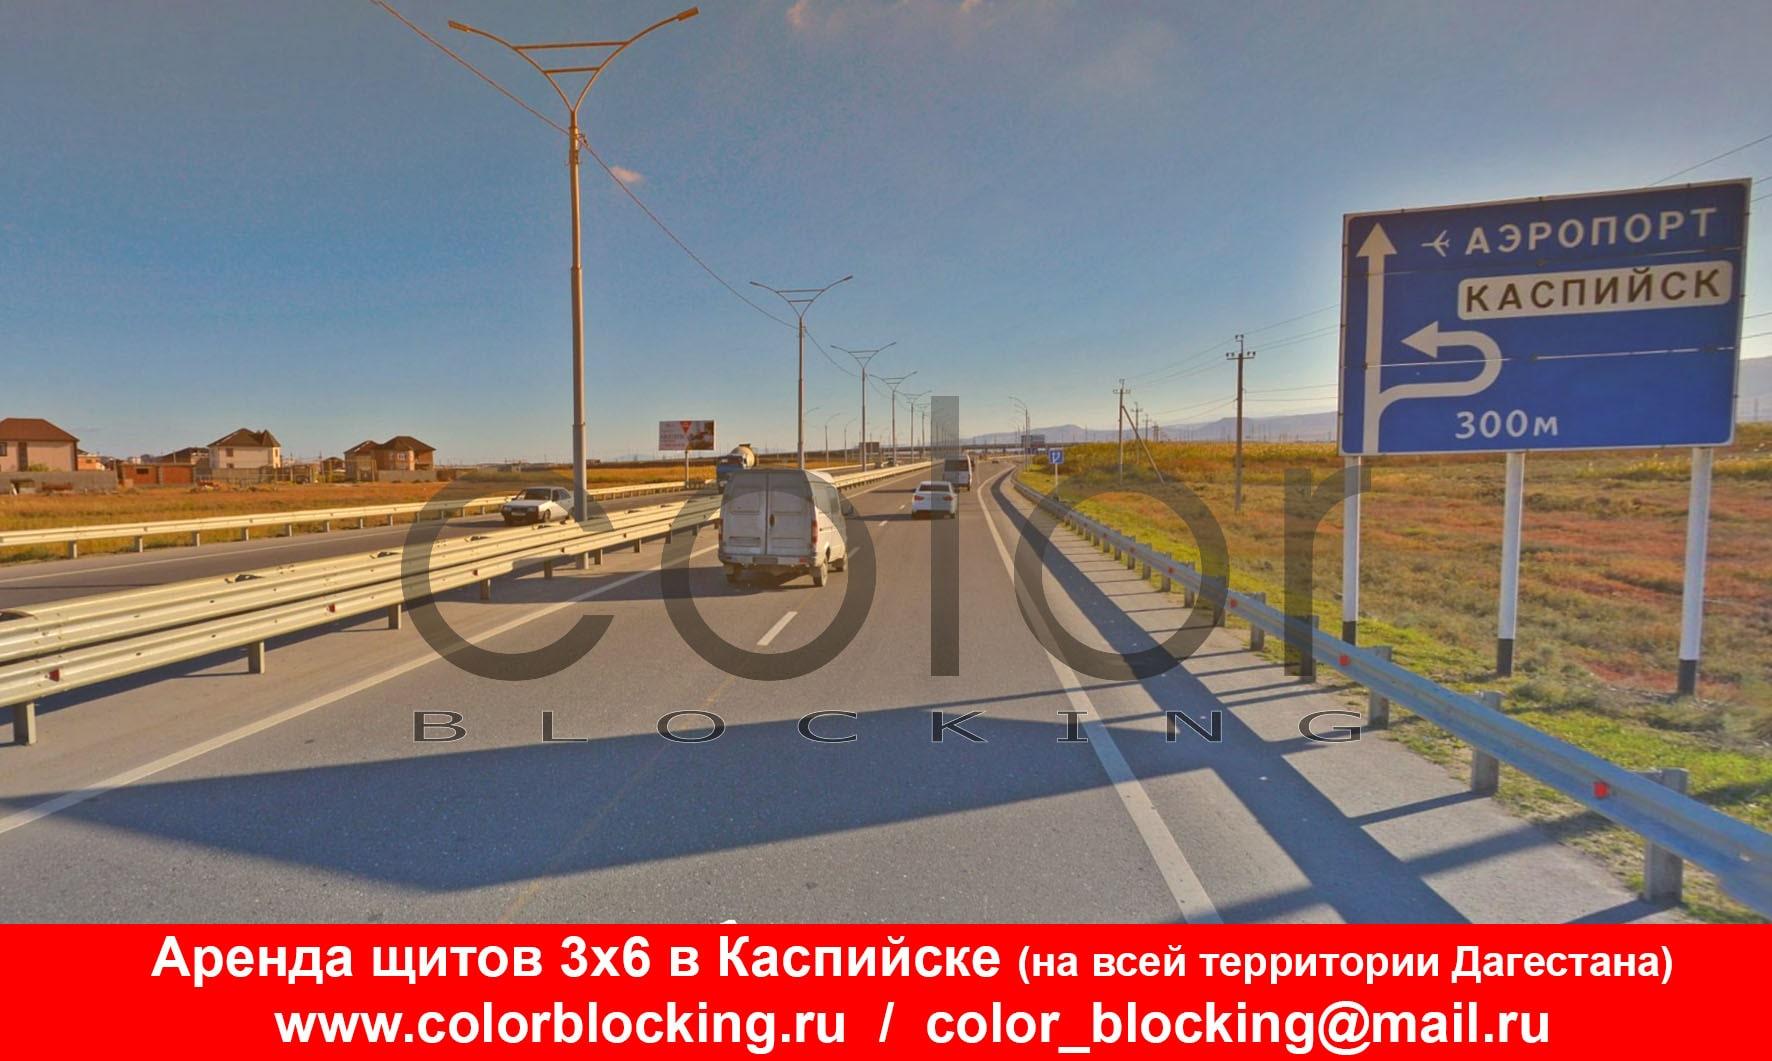 Наружная реклама в Каспийске щиты